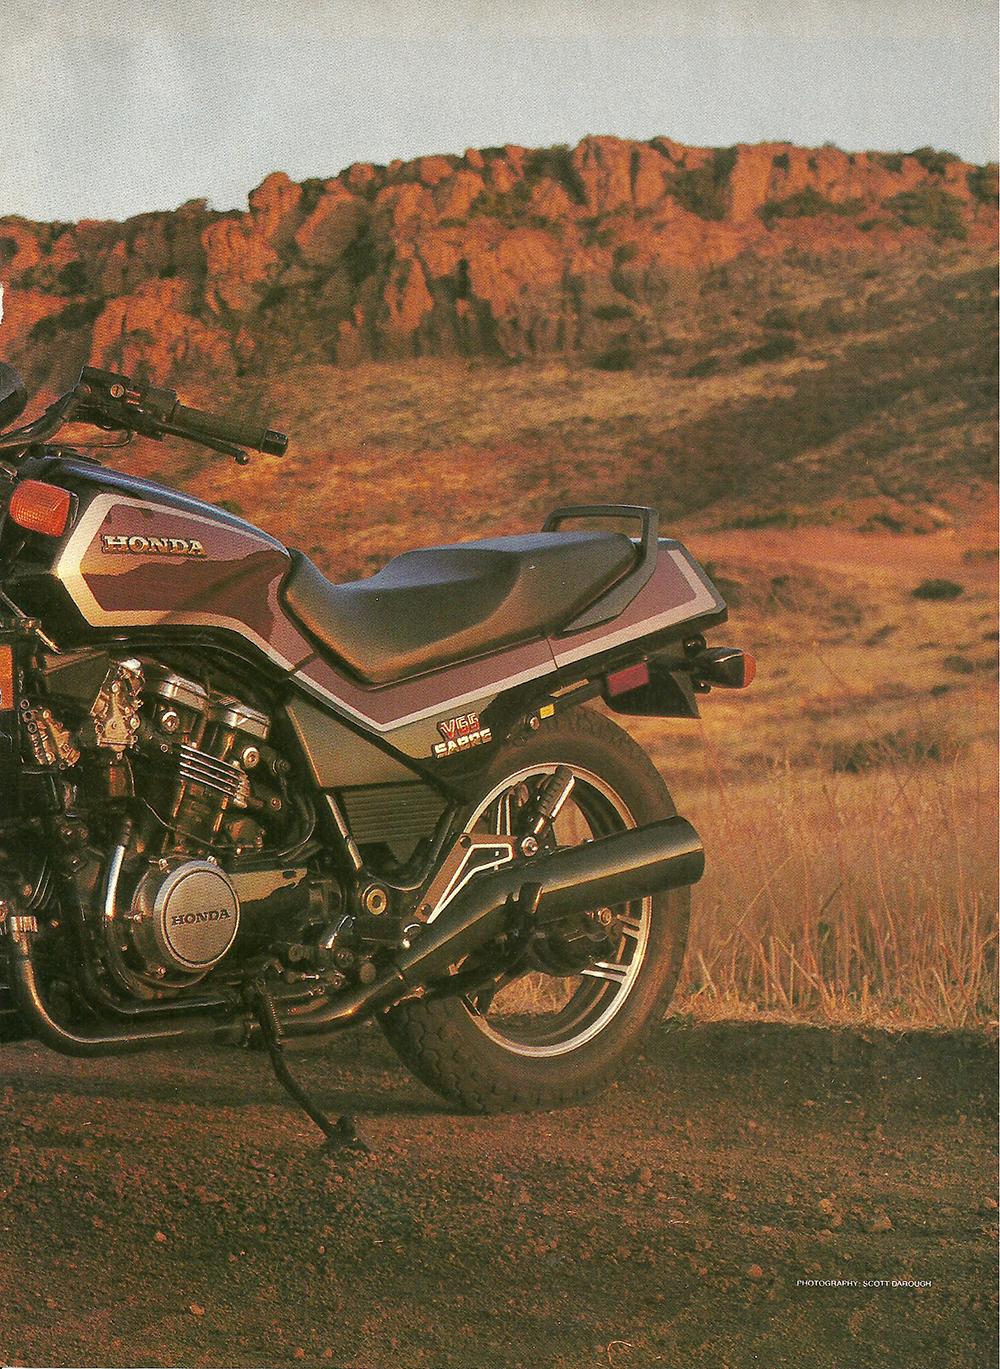 1984 Honda V65 Sabre road test 2.jpg